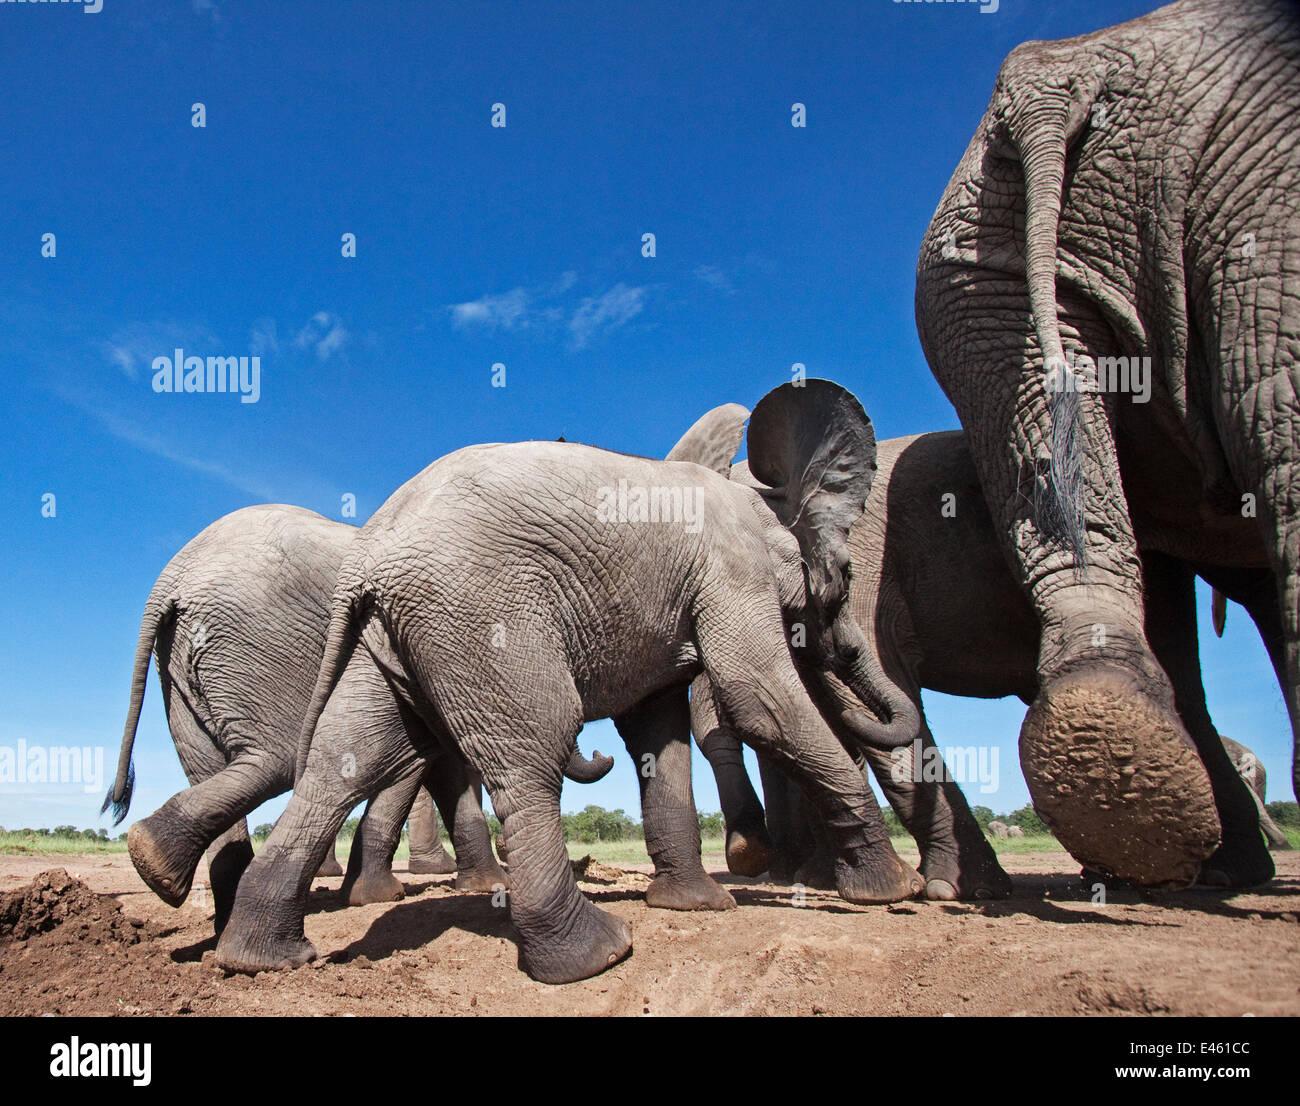 Elefante africano (Loxodonta africana) grupo dejando un abrevadero - Amplio ángulo de perspectiva. Reserva Imagen De Stock